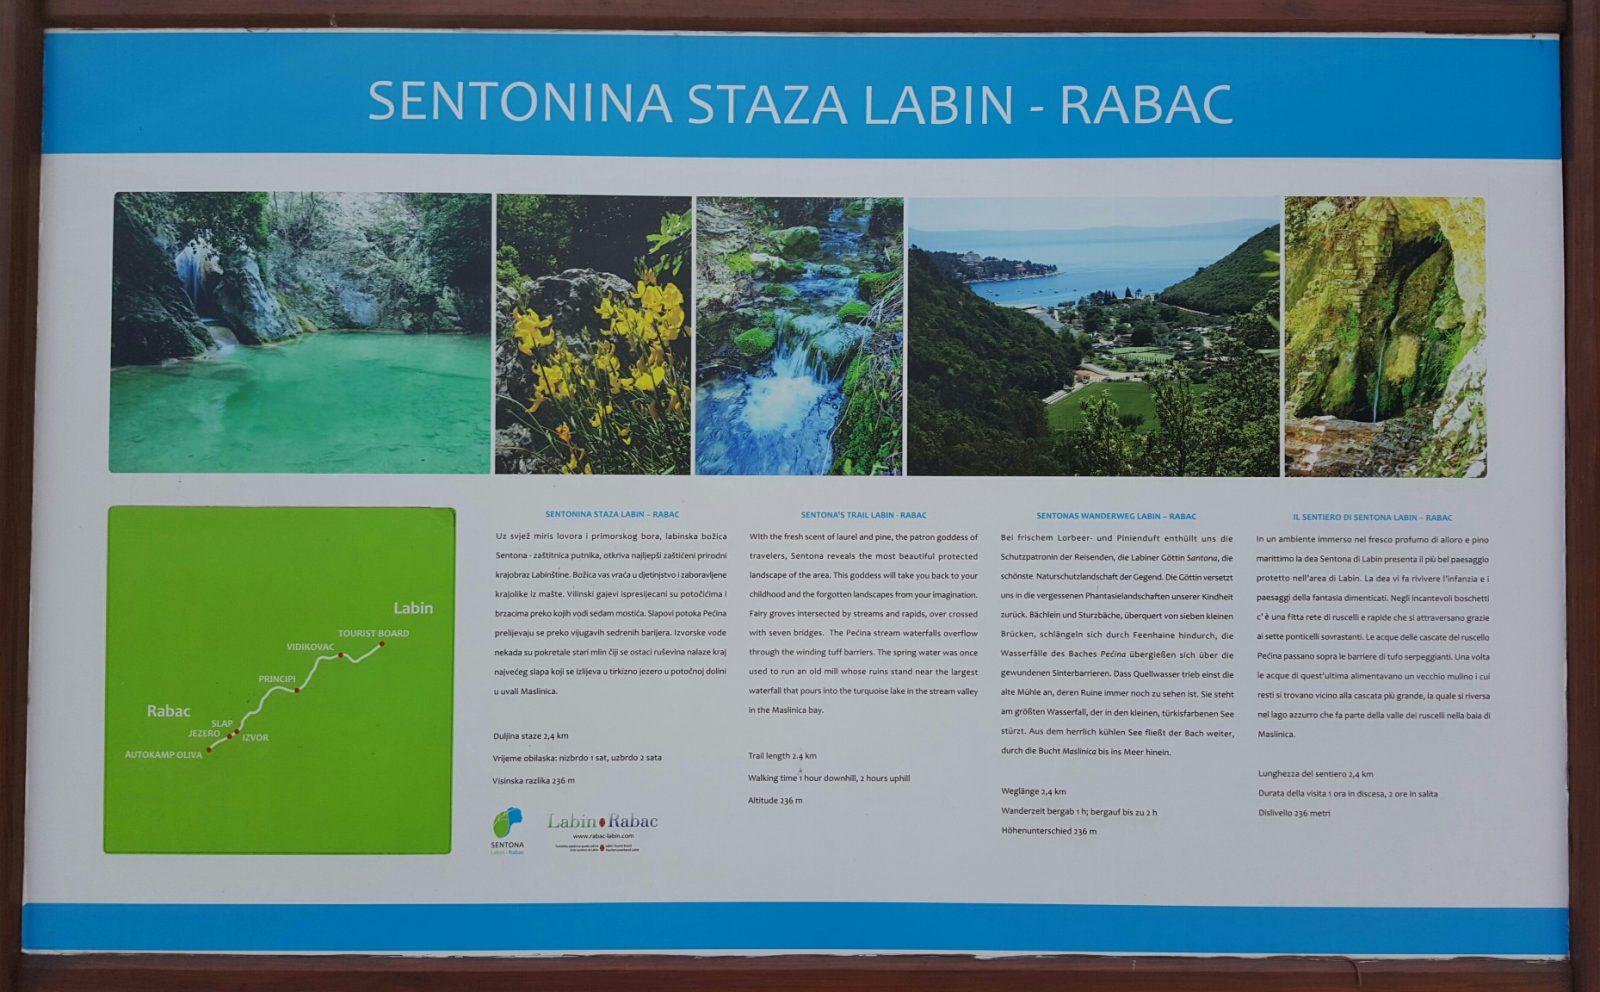 SENTONINA STAZA - ISTRIAGO.NET